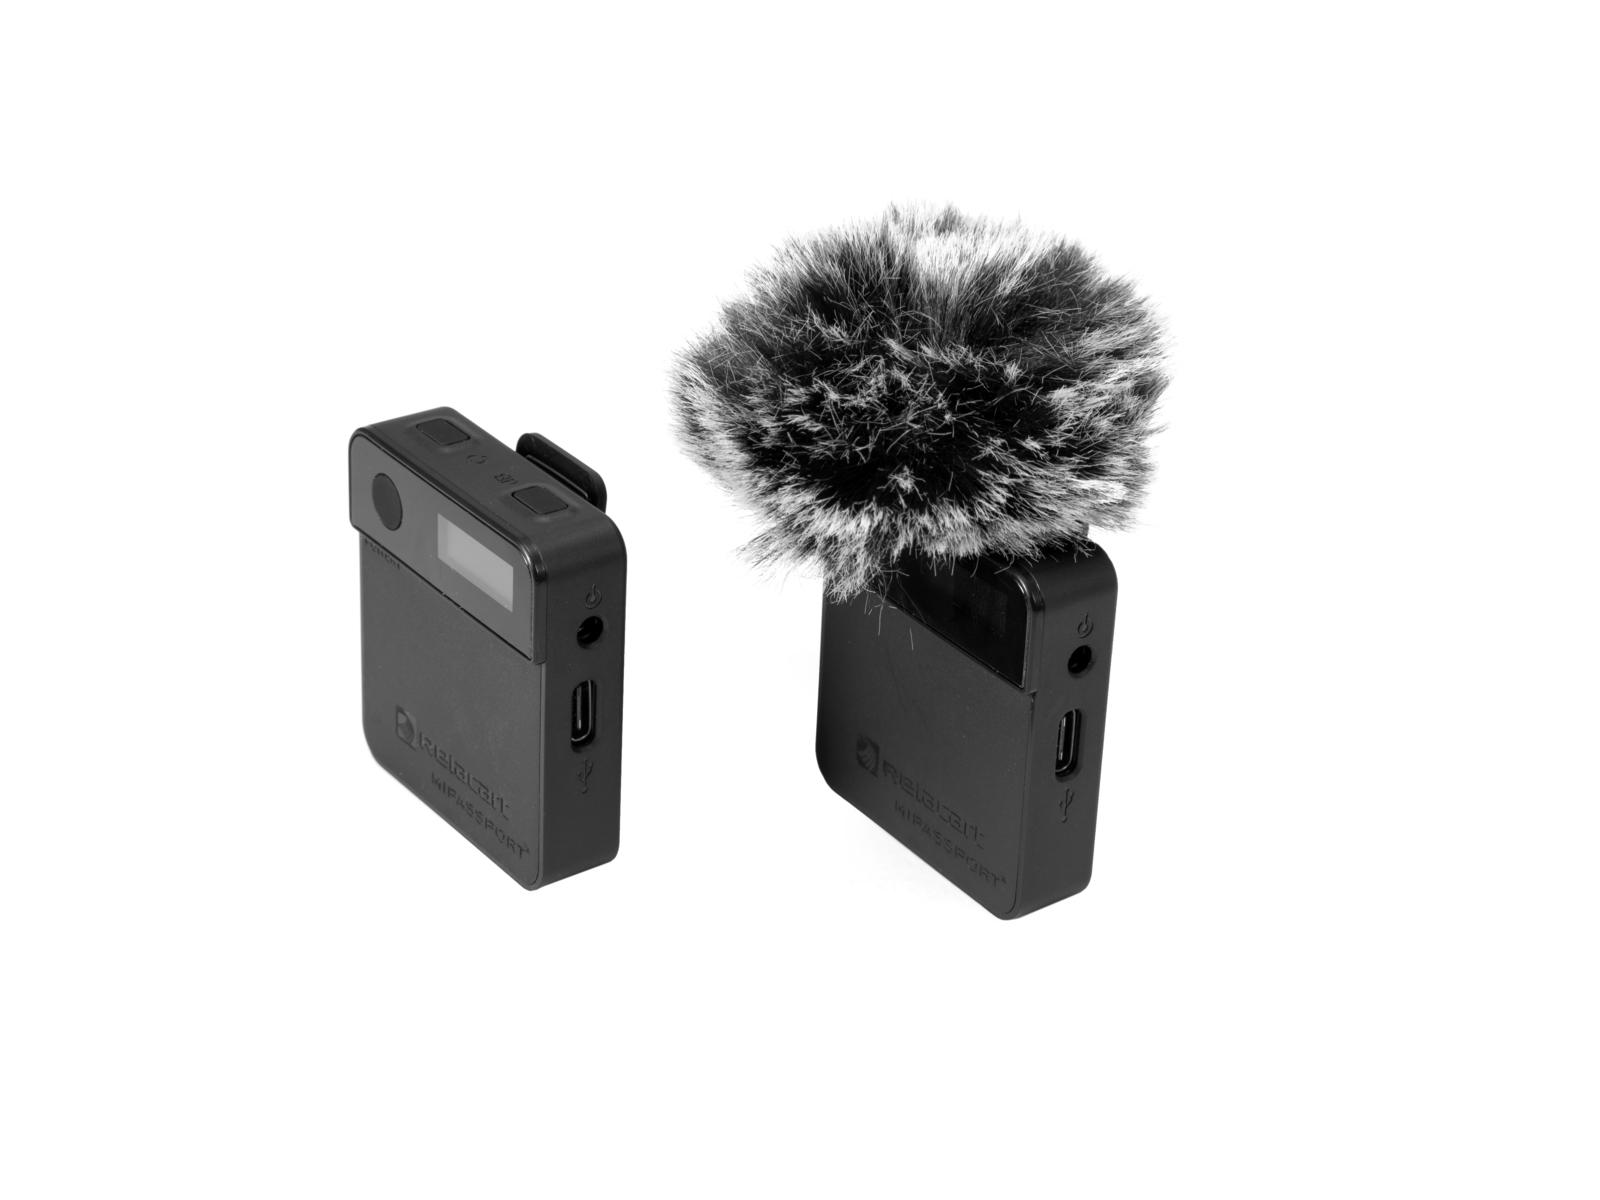 RELACART MIPASSPORT Miniaturfunksystem für Videofilmer